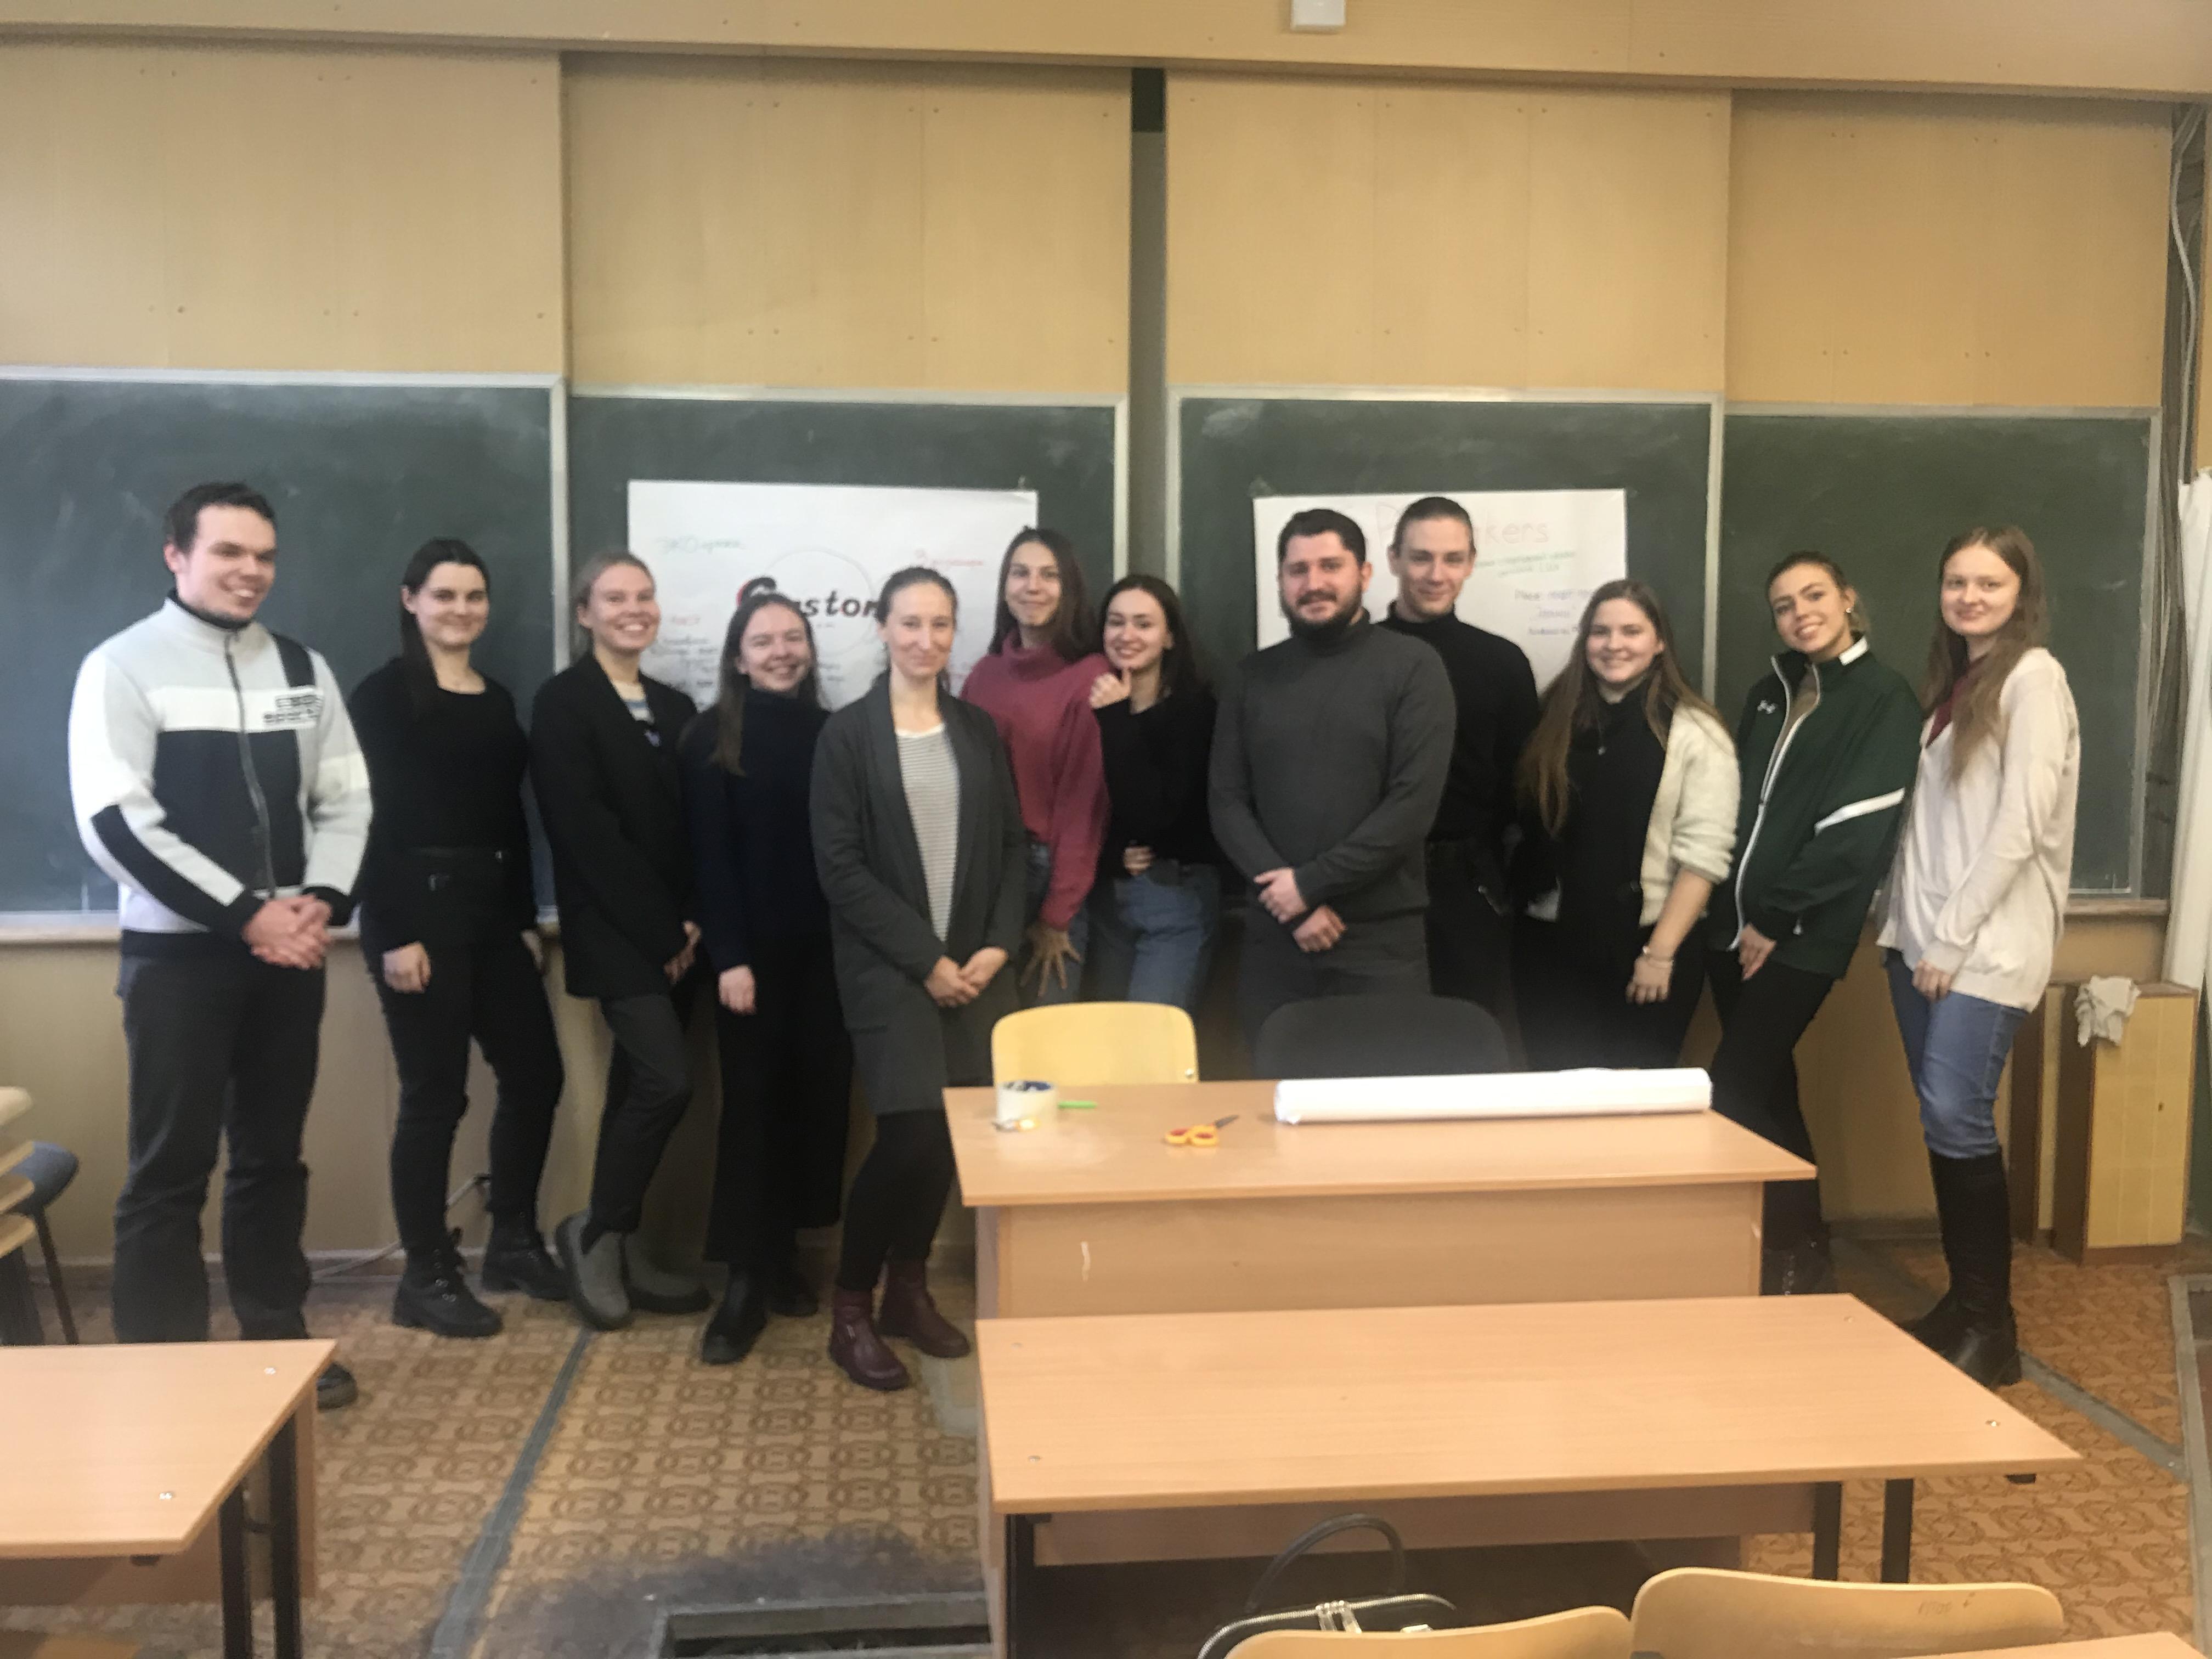 Центр развития и поддержки предпринимательства провел тренинг на тему: «Генерация бизнес-идеи» для студентов МВШУ